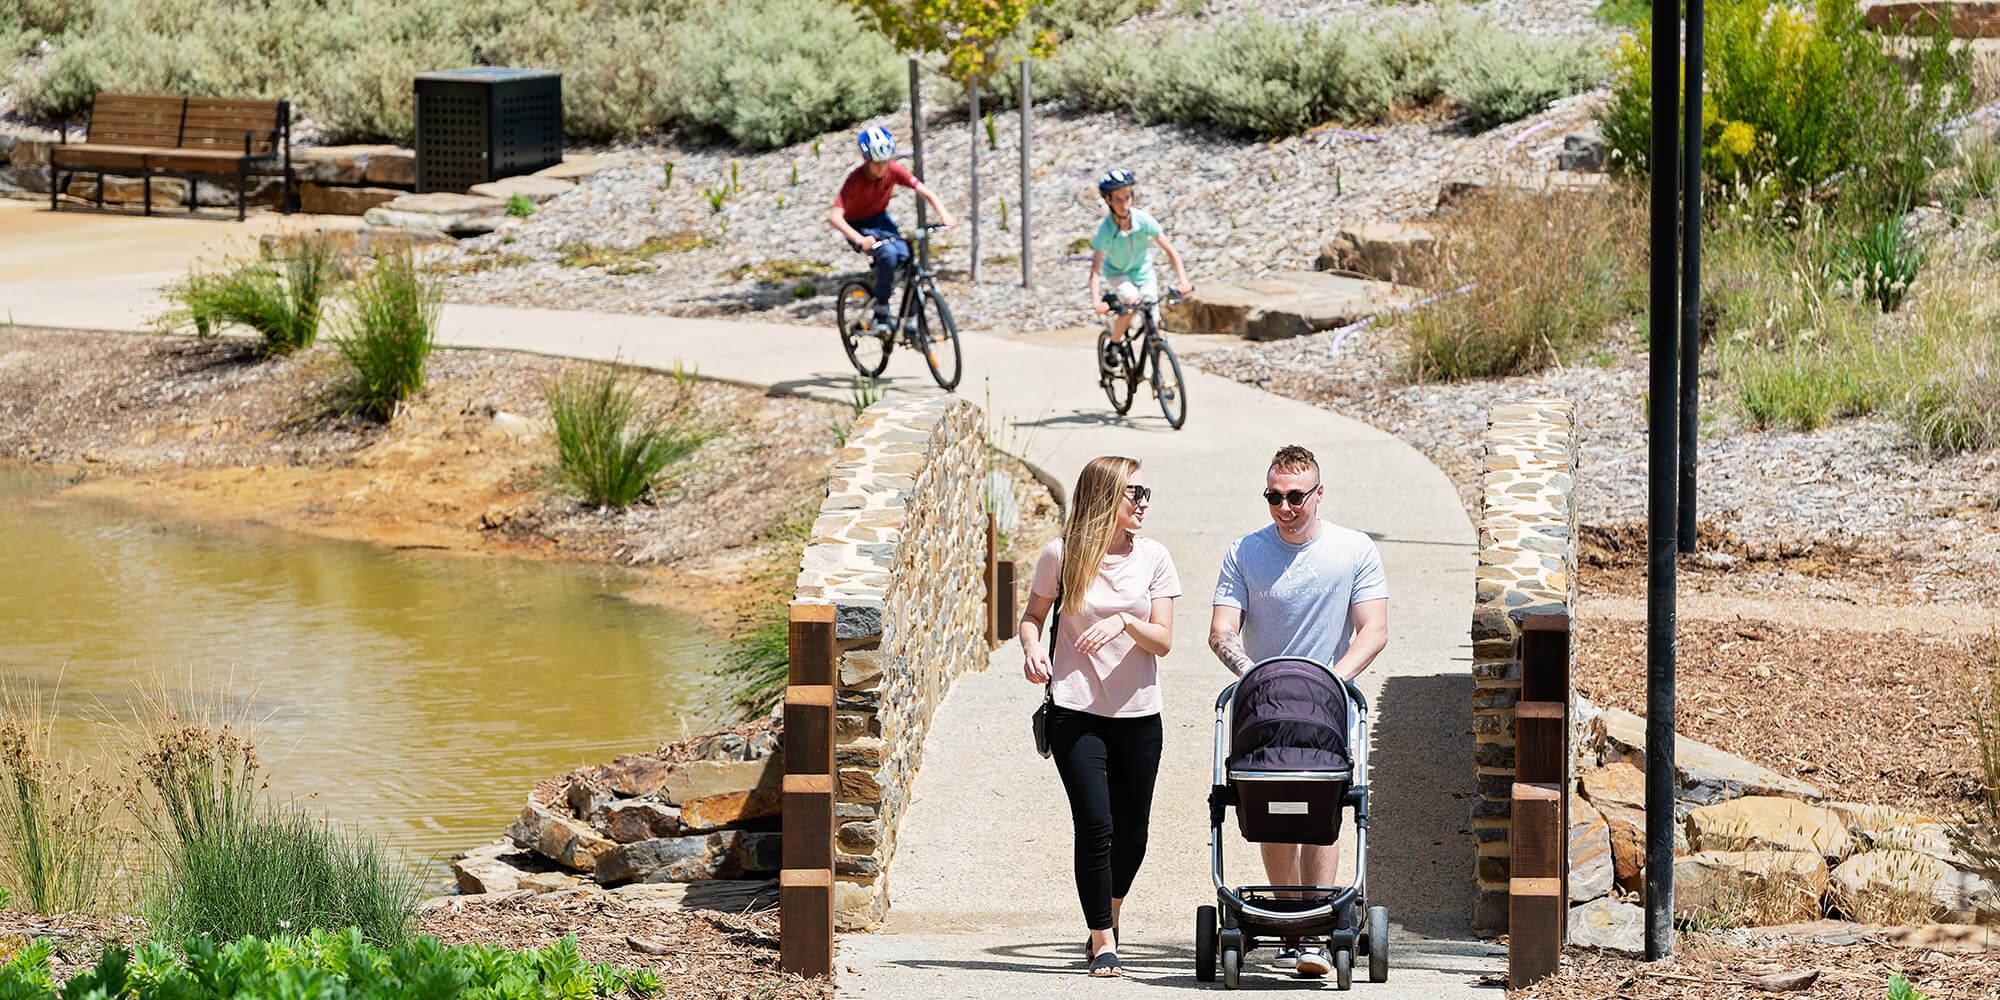 Springlake_young_family_gardens_bridge